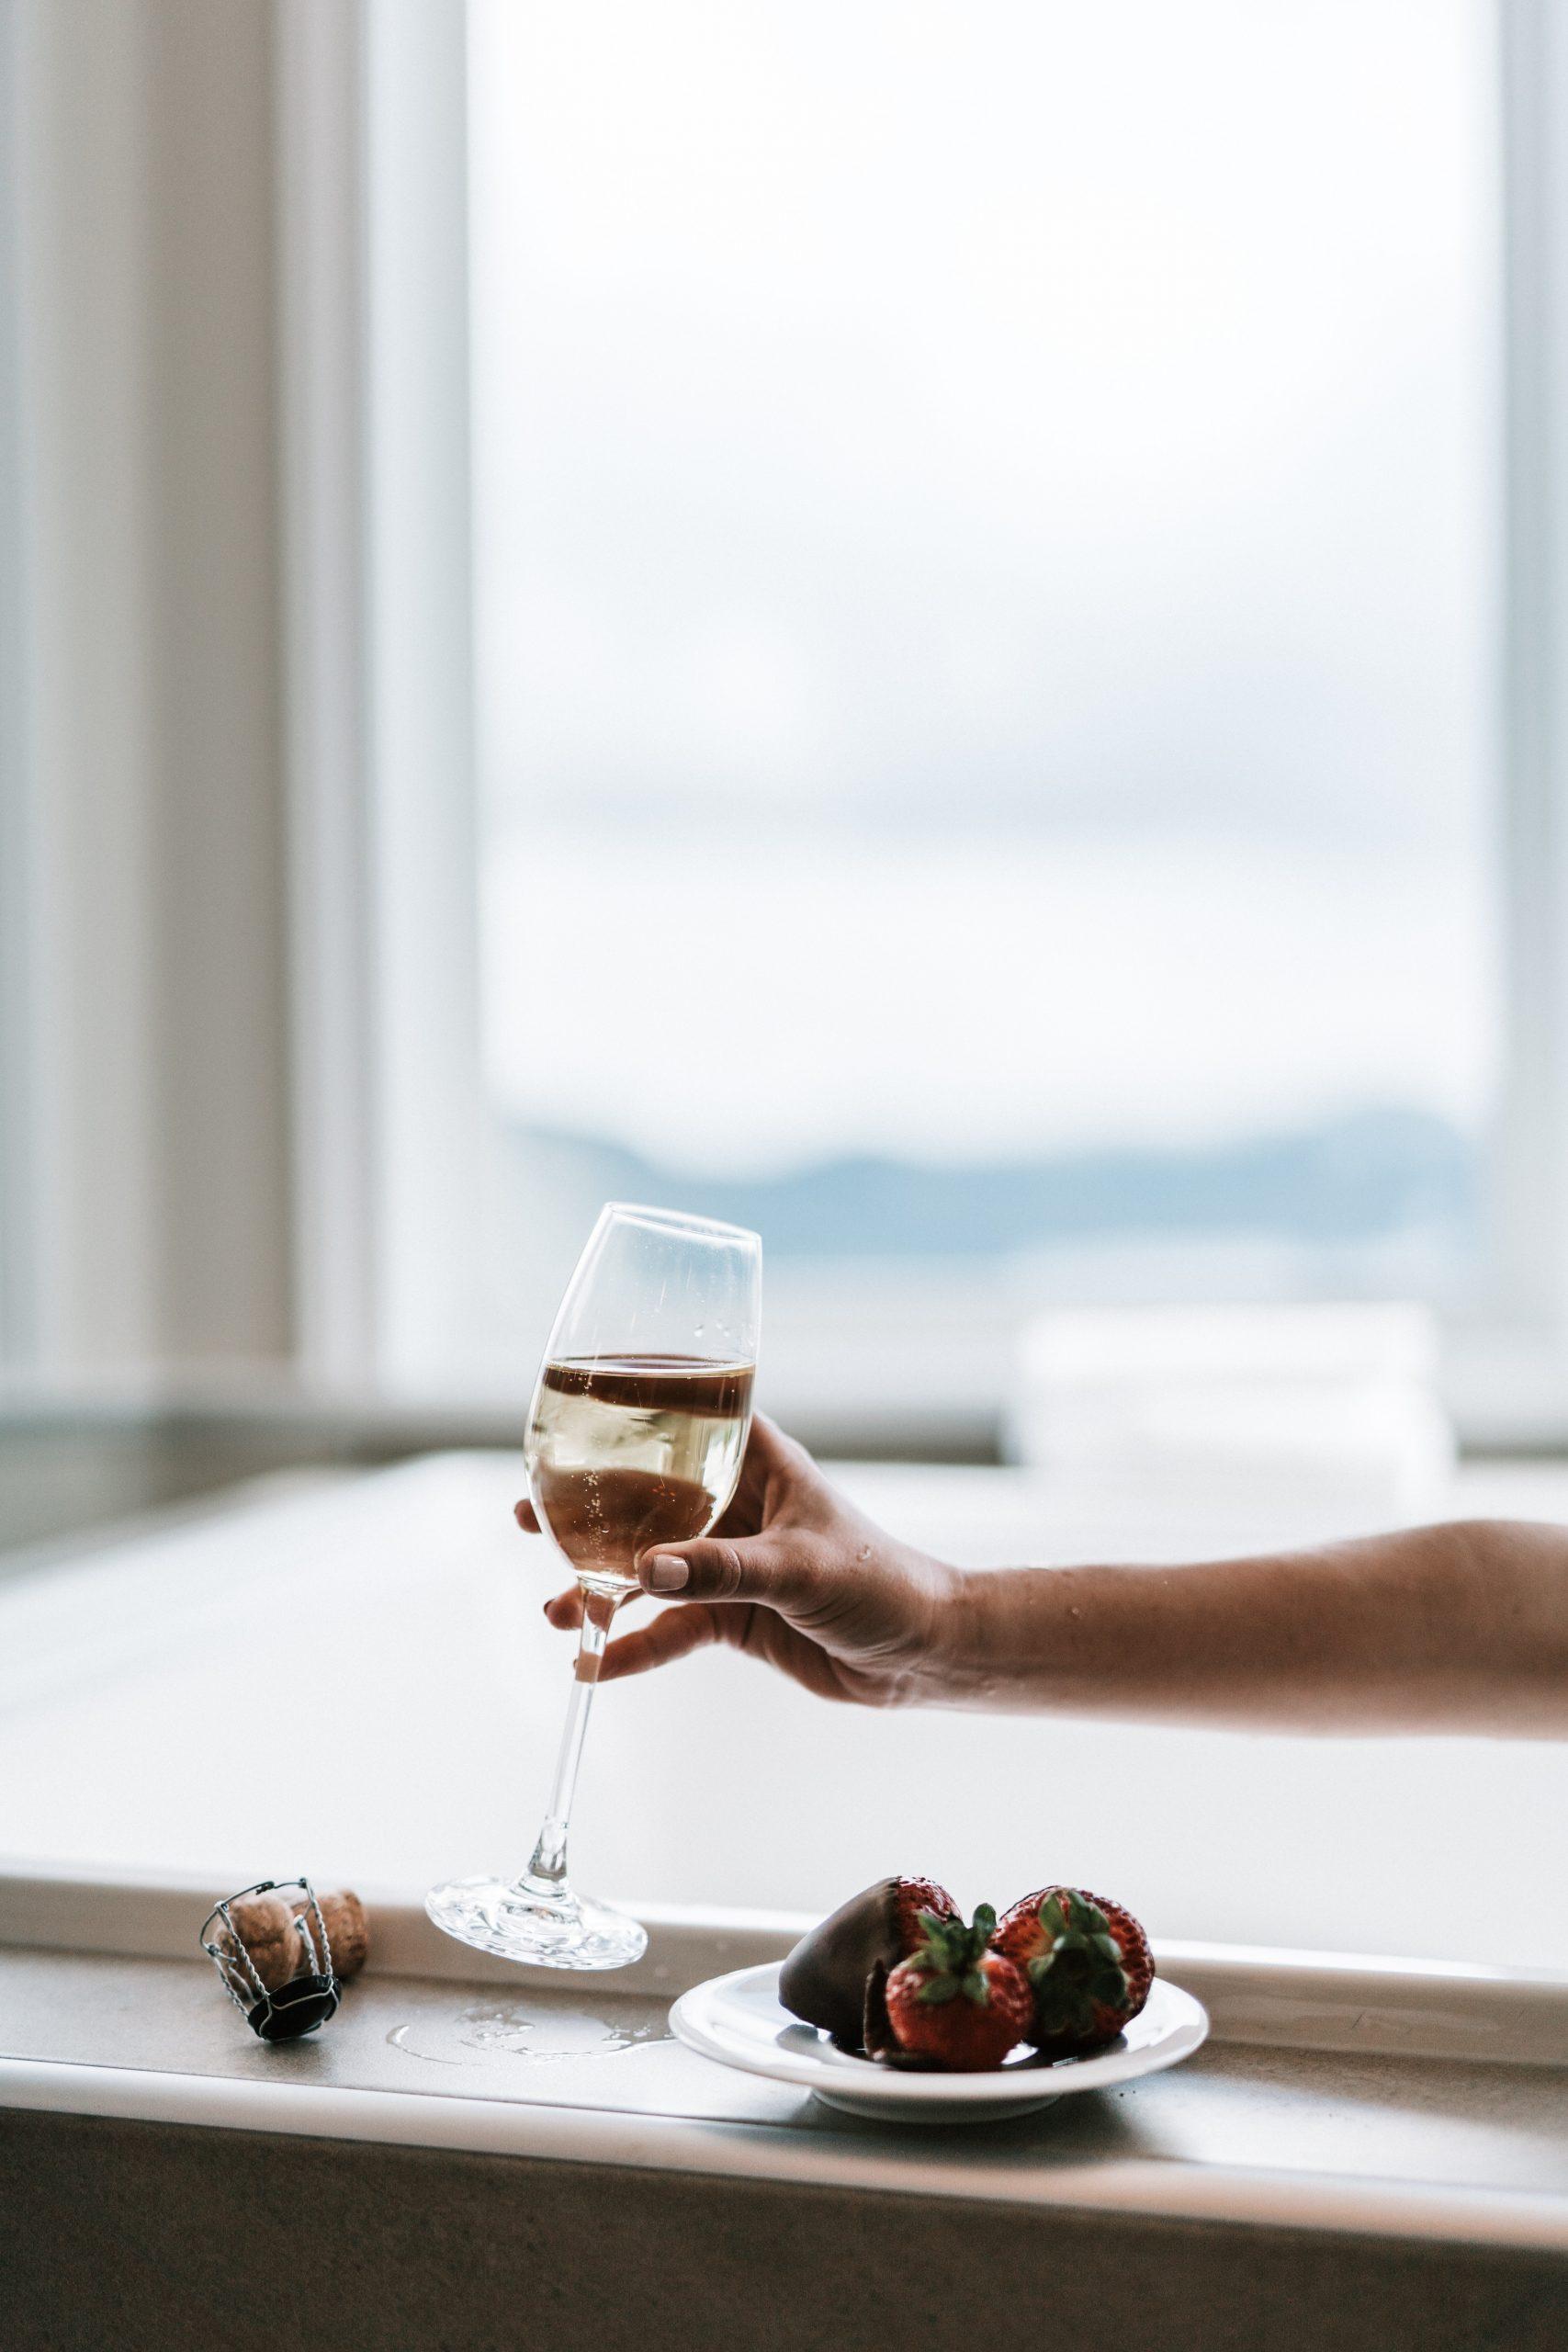 En la foto, una copa de vino y fresas con chocolate. /Foto: Pexels